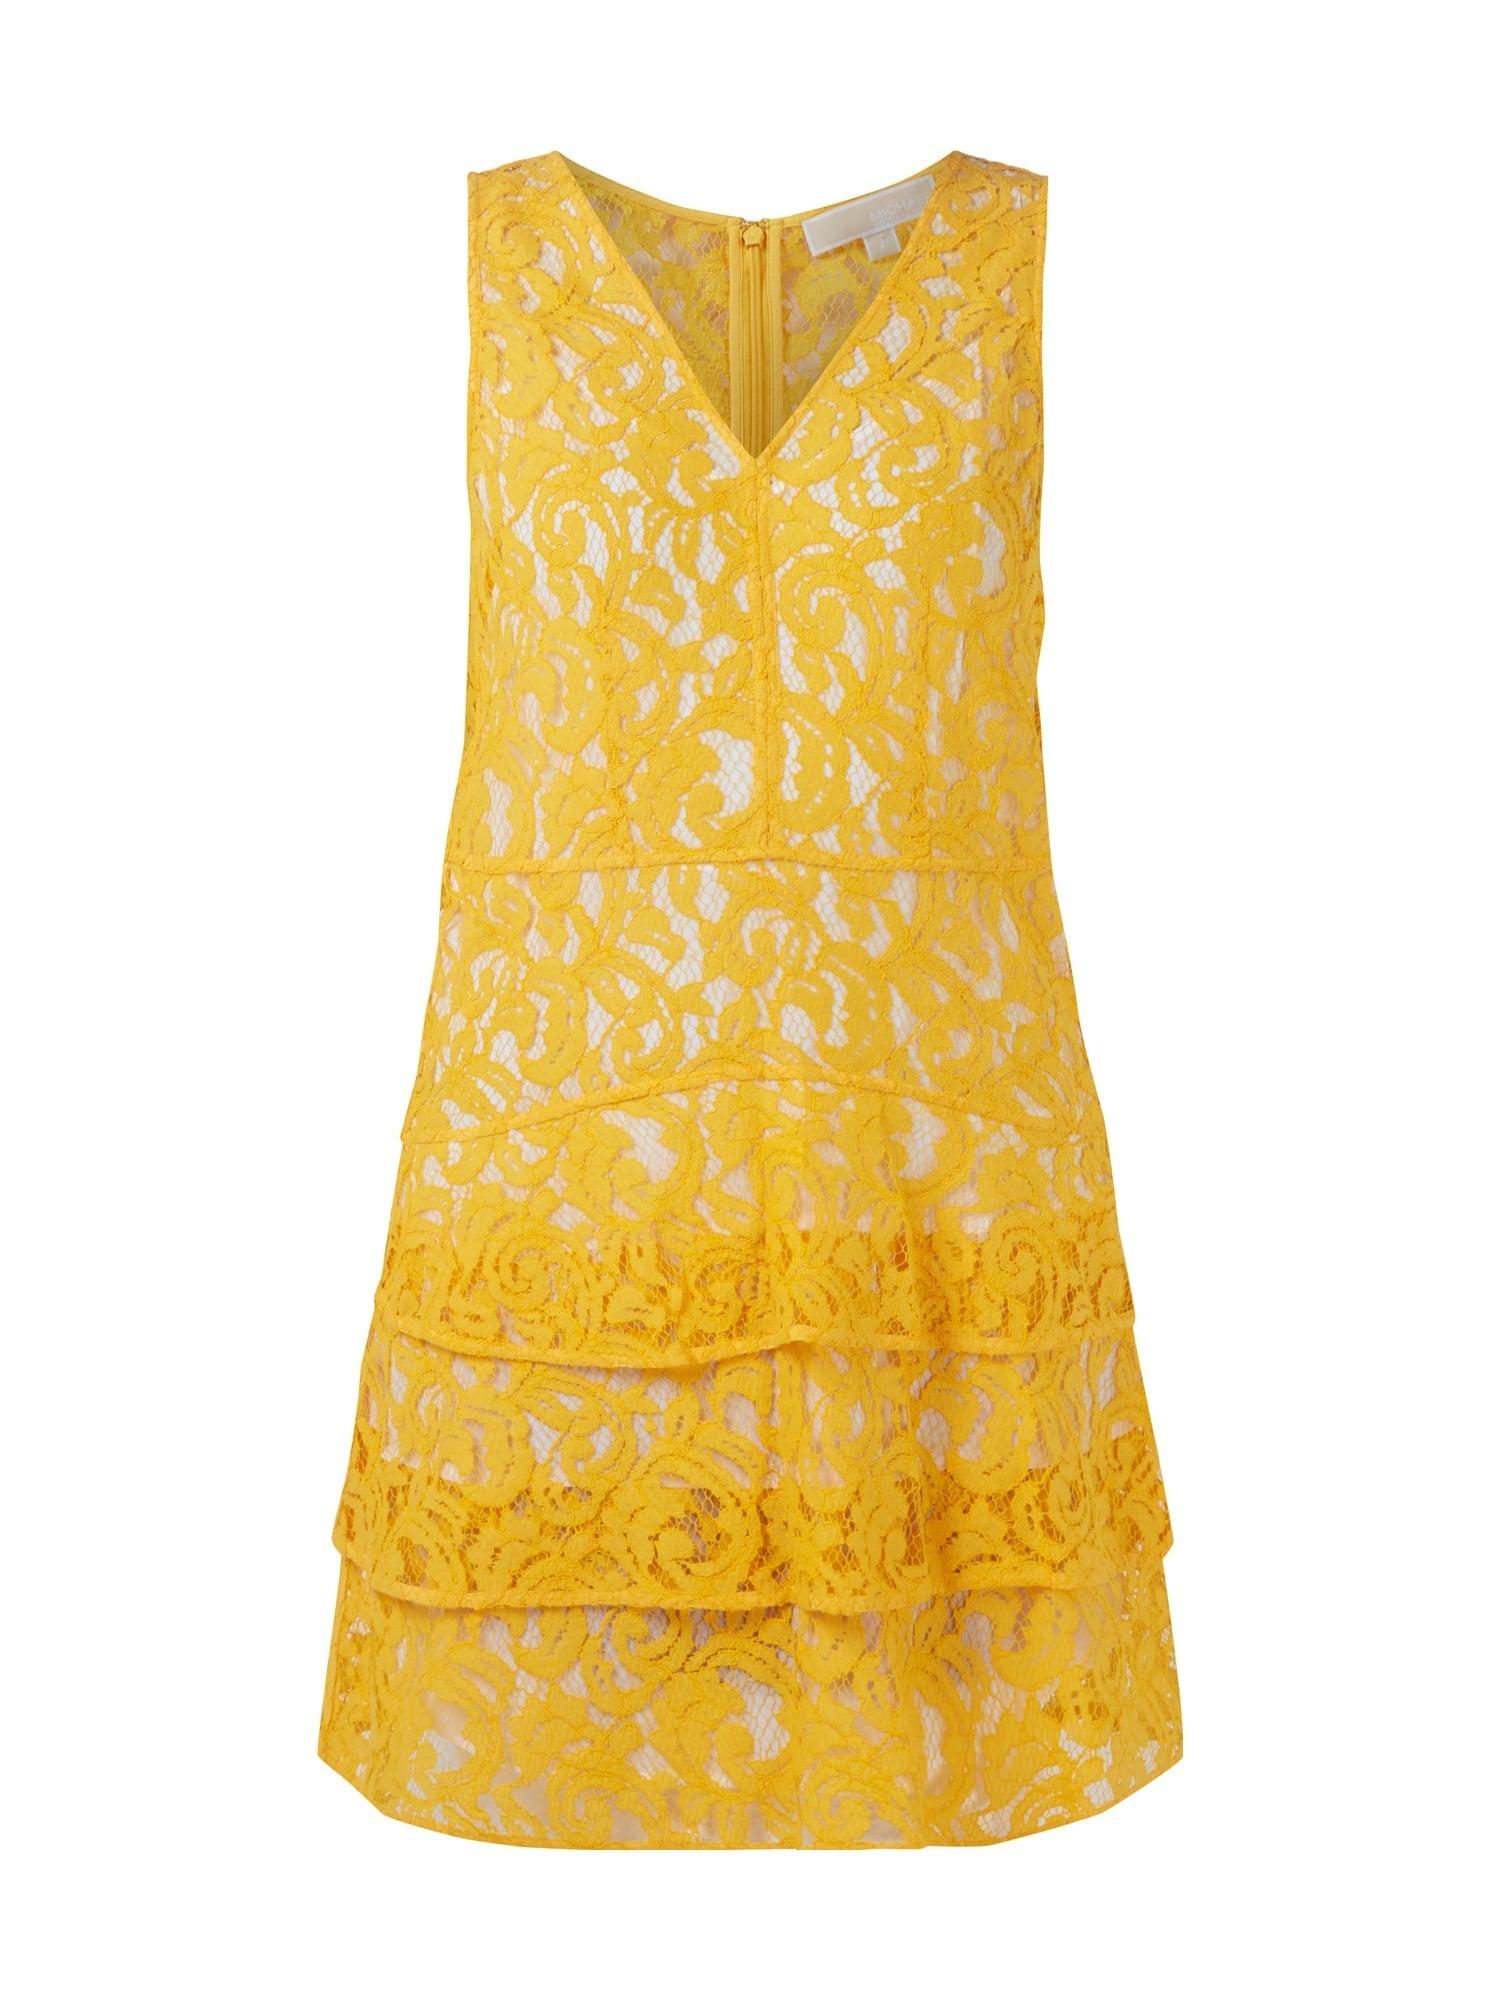 13 Leicht Kleid Gelb Spitze Boutique20 Cool Kleid Gelb Spitze Spezialgebiet